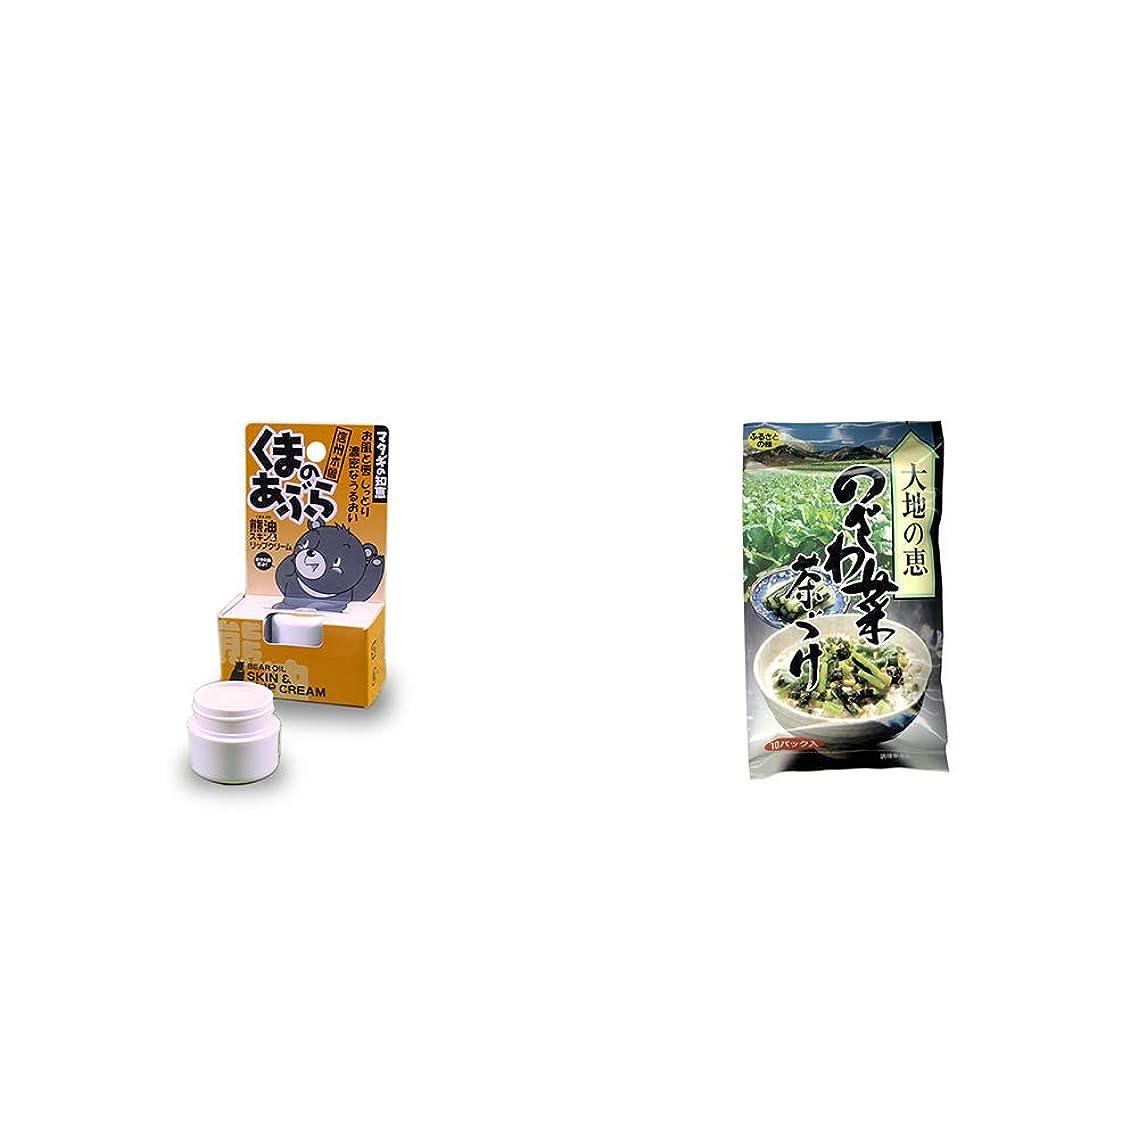 評判三番狭い[2点セット] 信州木曽 くまのあぶら 熊油スキン&リップクリーム(9g)?特選茶漬け 大地の恵 のざわ菜茶づけ(10袋入)